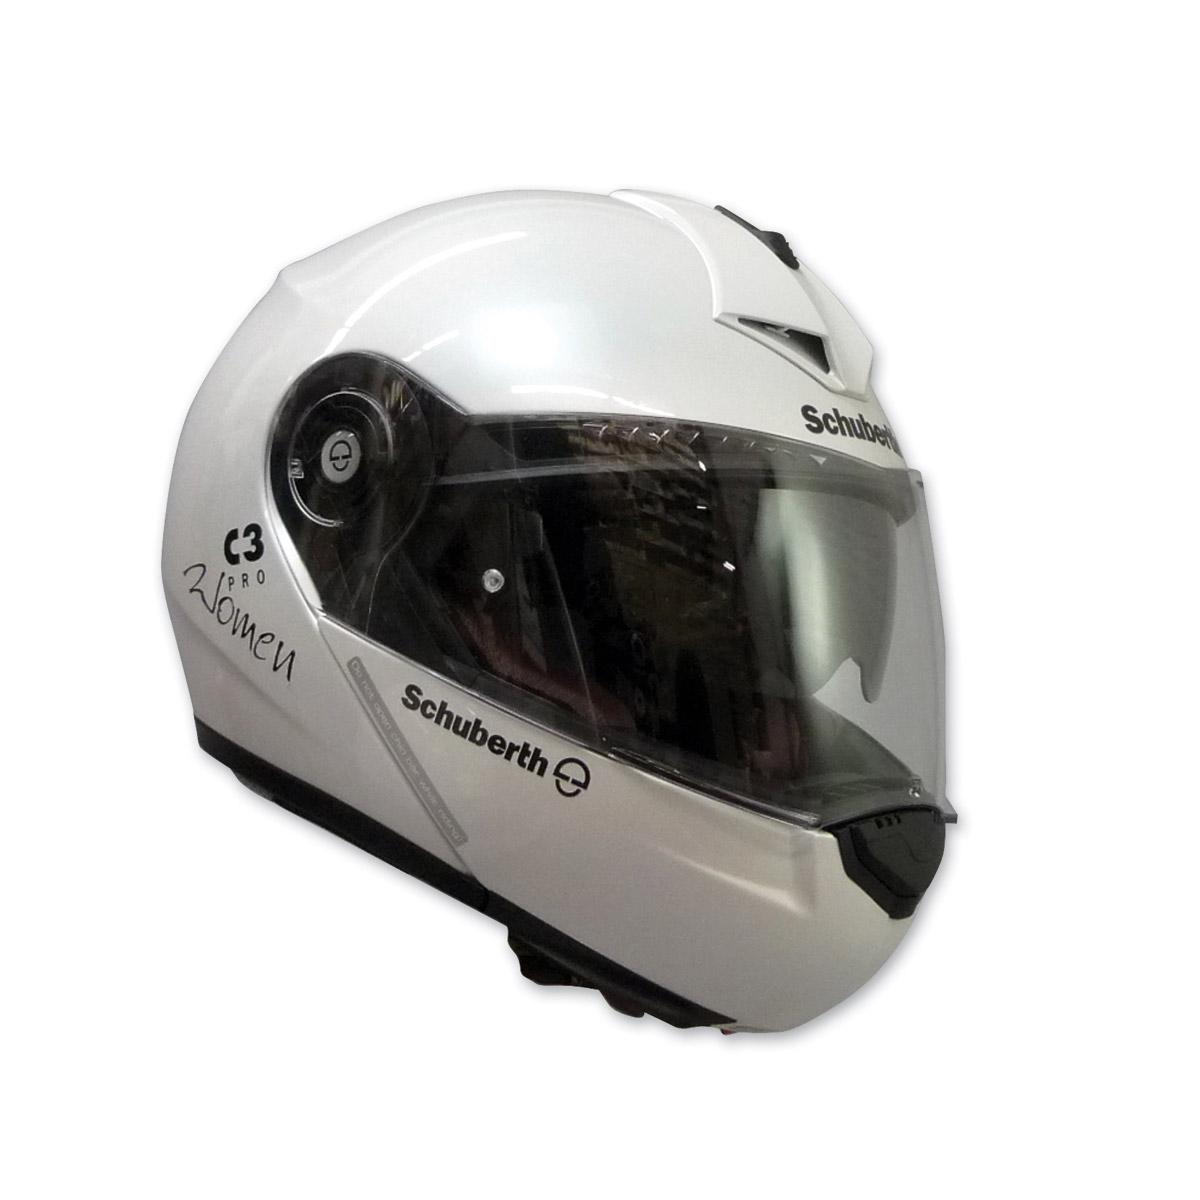 Schuberth C3 Pro Women's Glossy White Modular Helmet